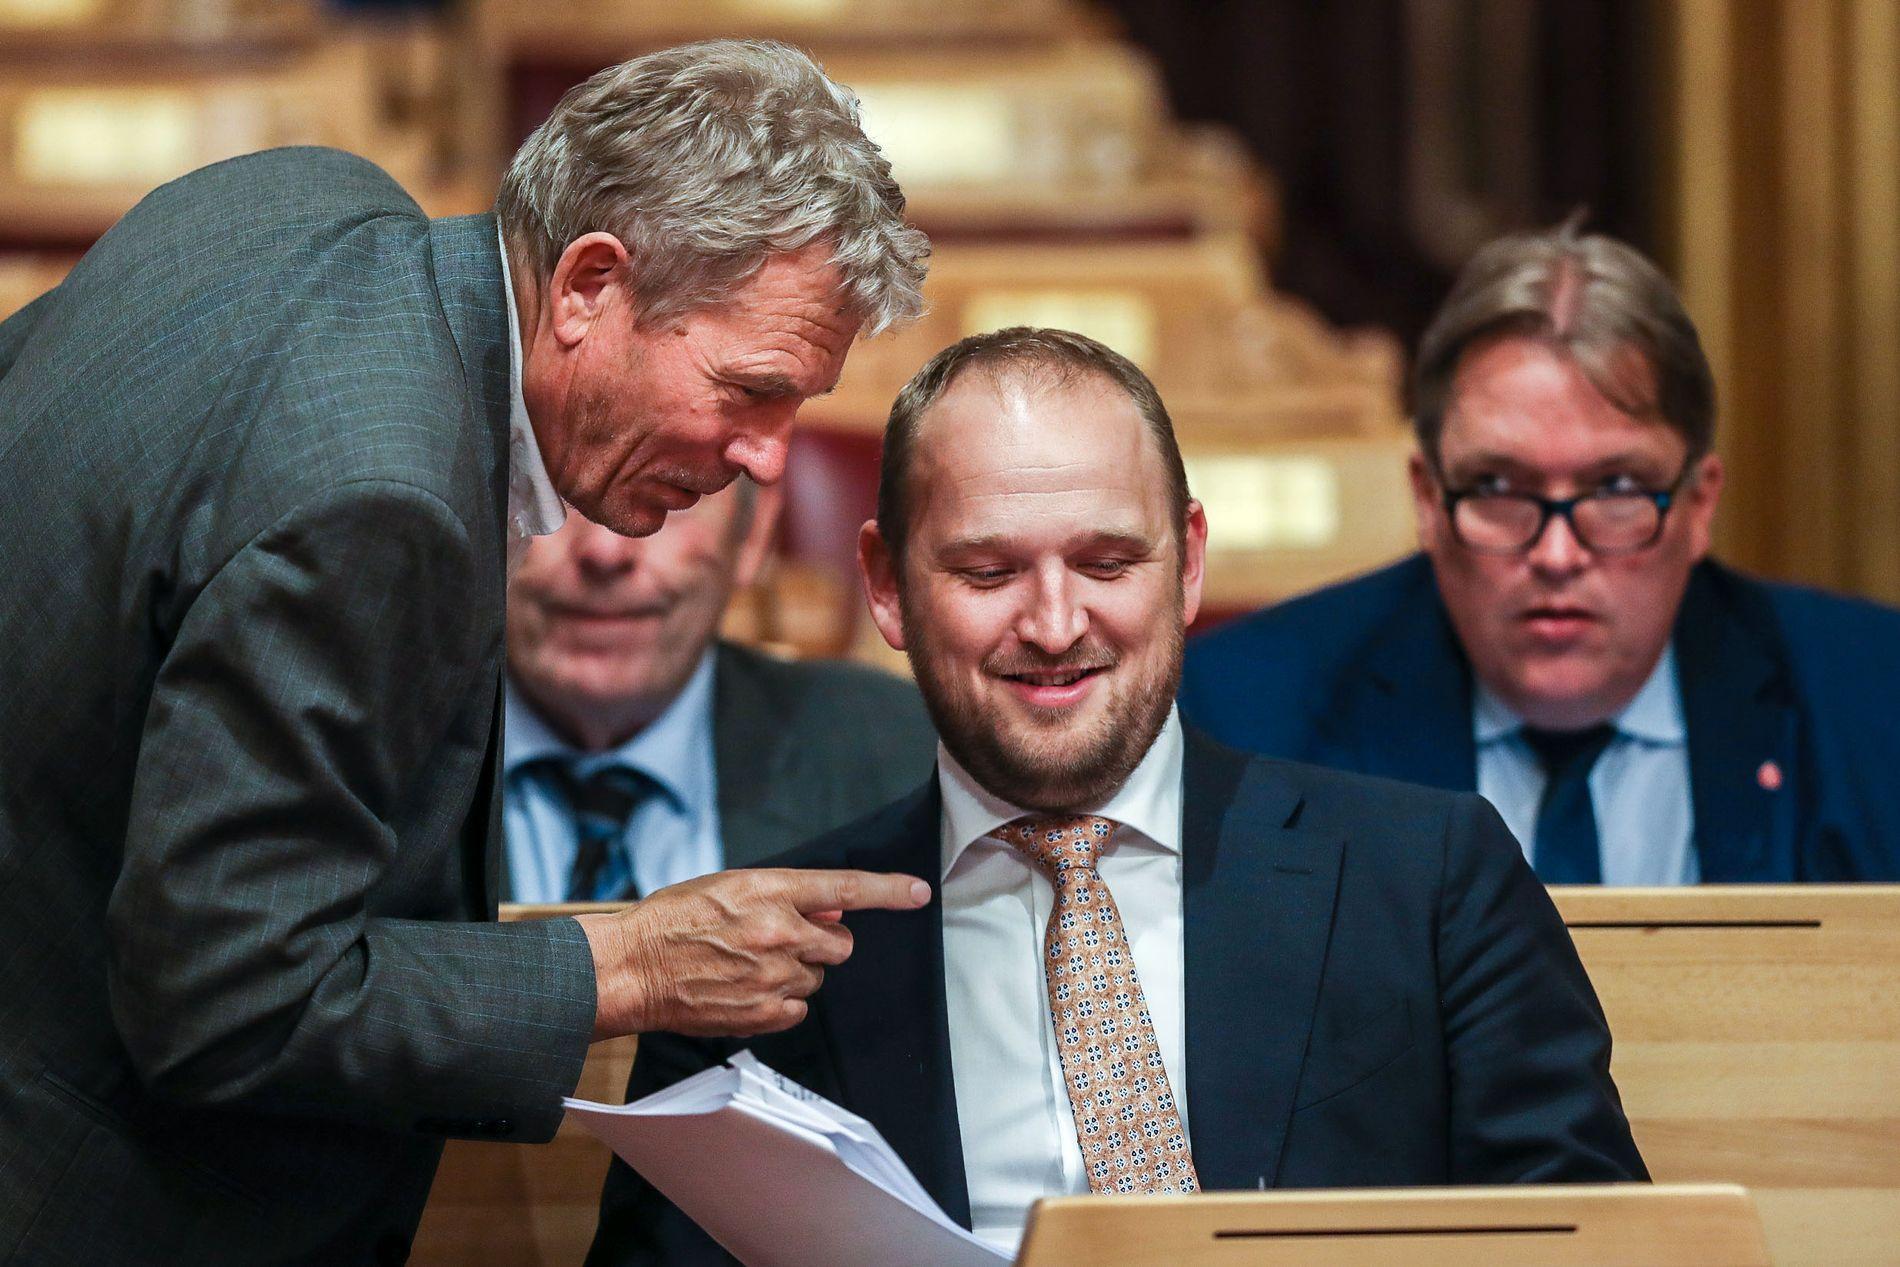 BOMPENGEPROSJEKTER VEDTATT: Samferdselsminister Jon Georg Dale (Frp) under debatten i Stortinget onsdag kveld.